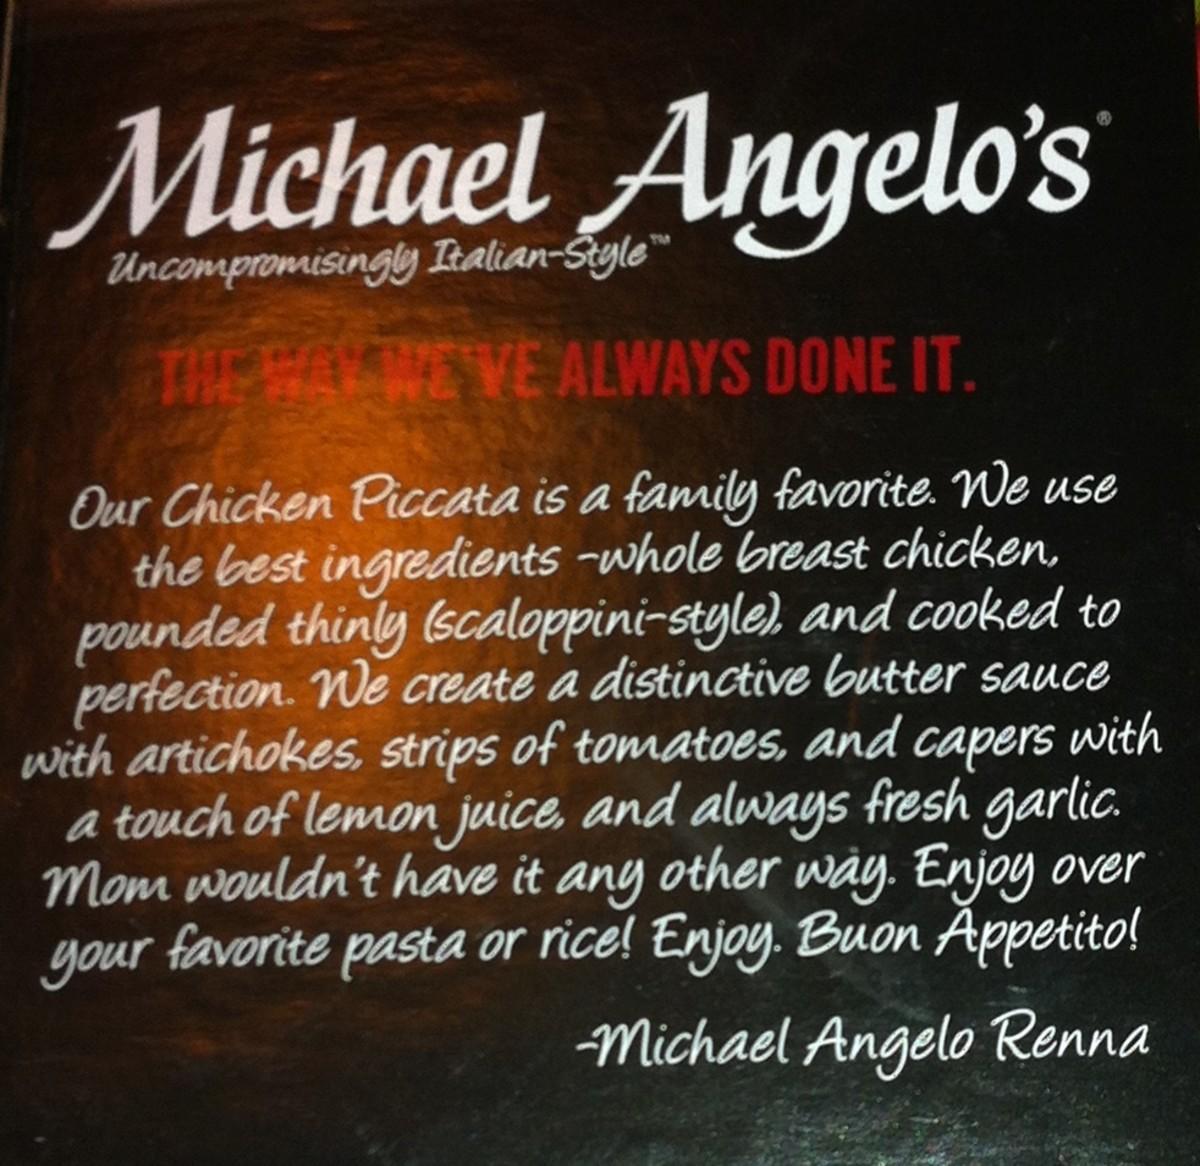 Michael Angelo's Description of the Chicken Piccata Entrée.